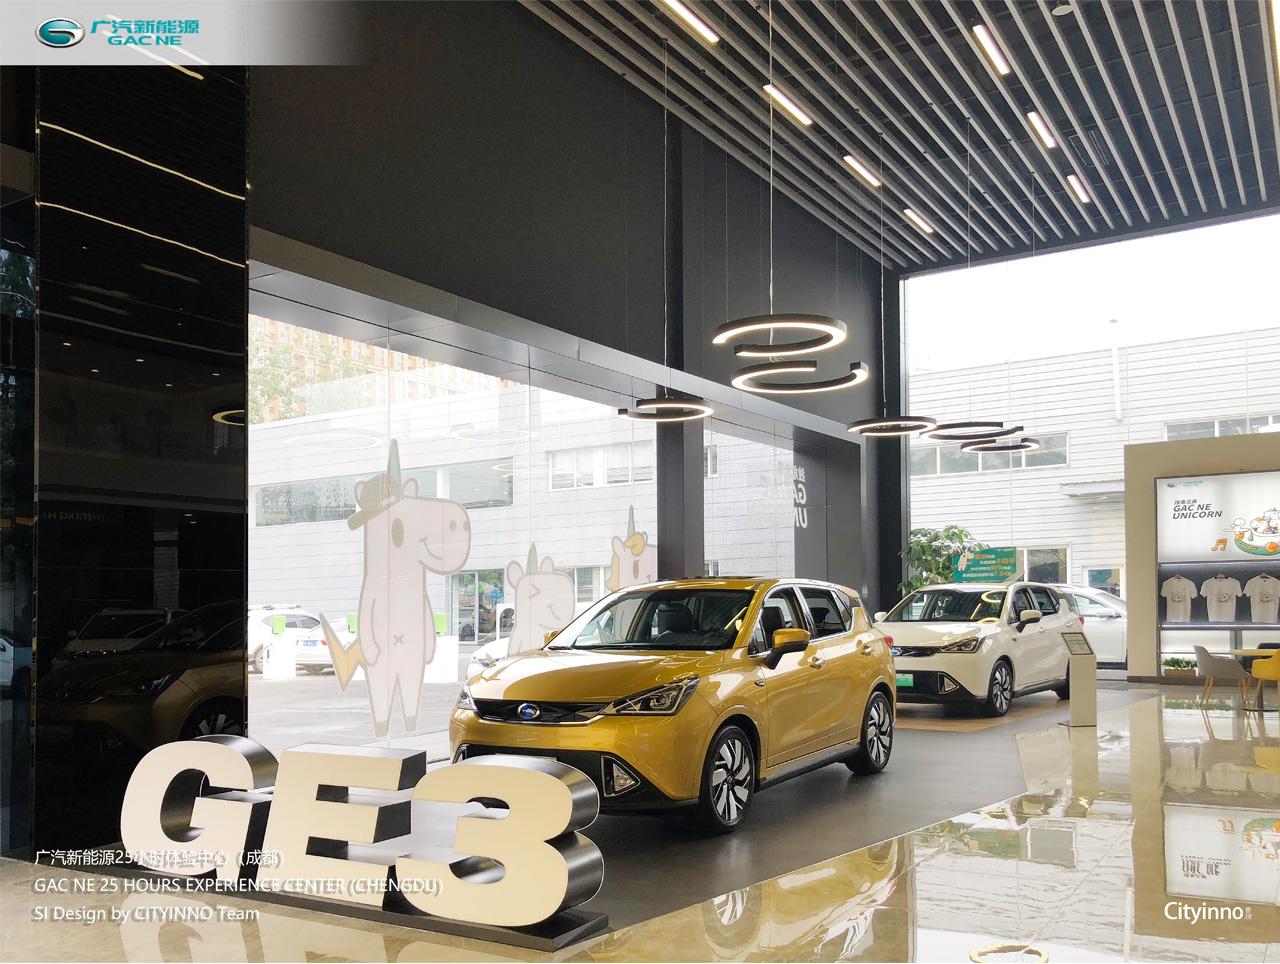 Gac Ne 25 Hours Experience Center in Chengdu/China